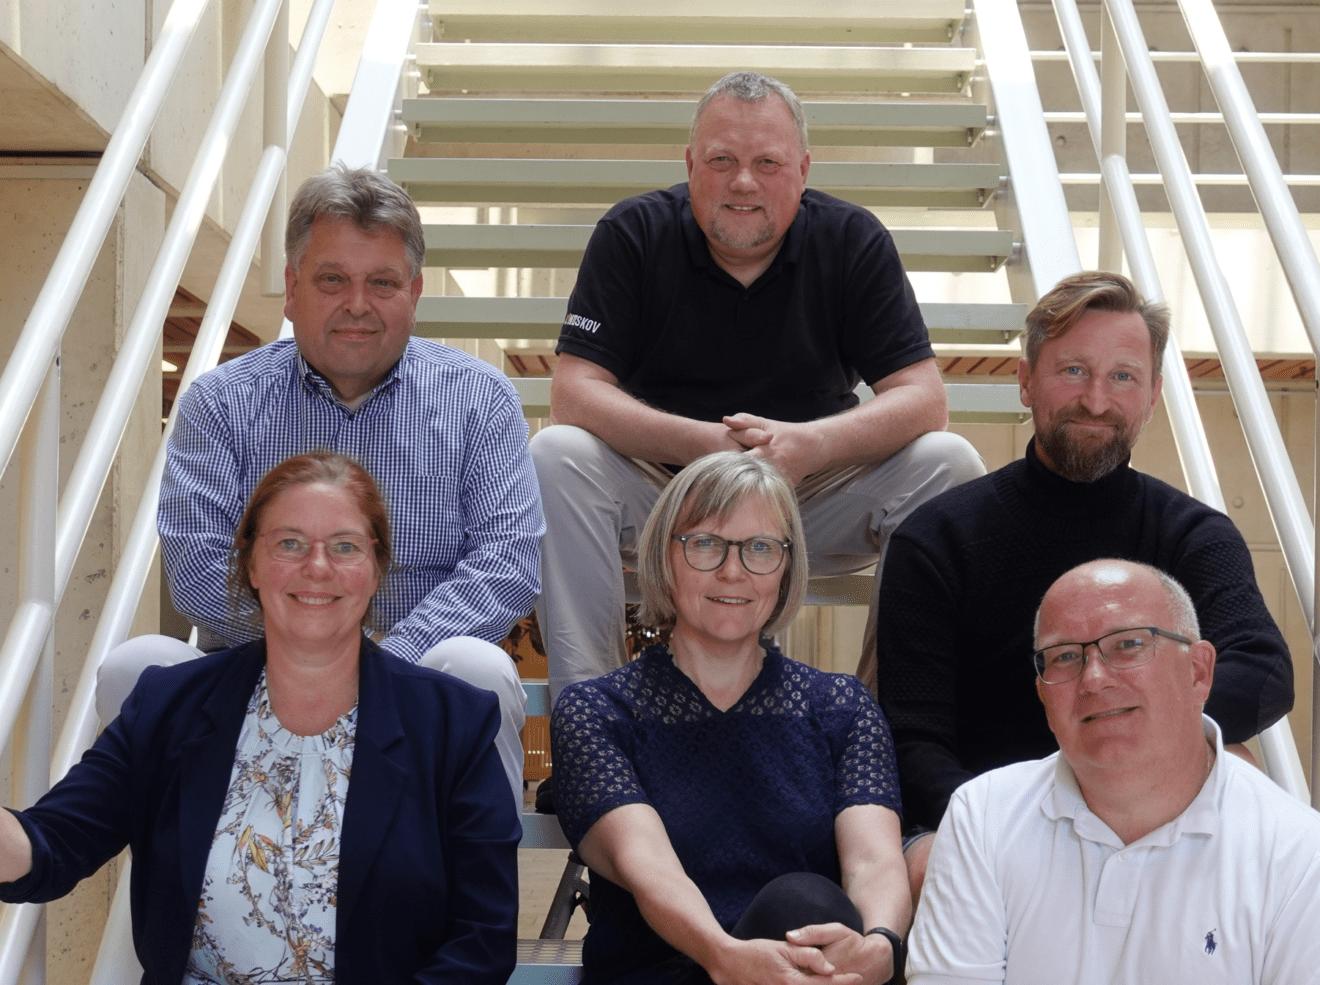 VKR indgår teknisk valgforbund i Roskilde op til KV21